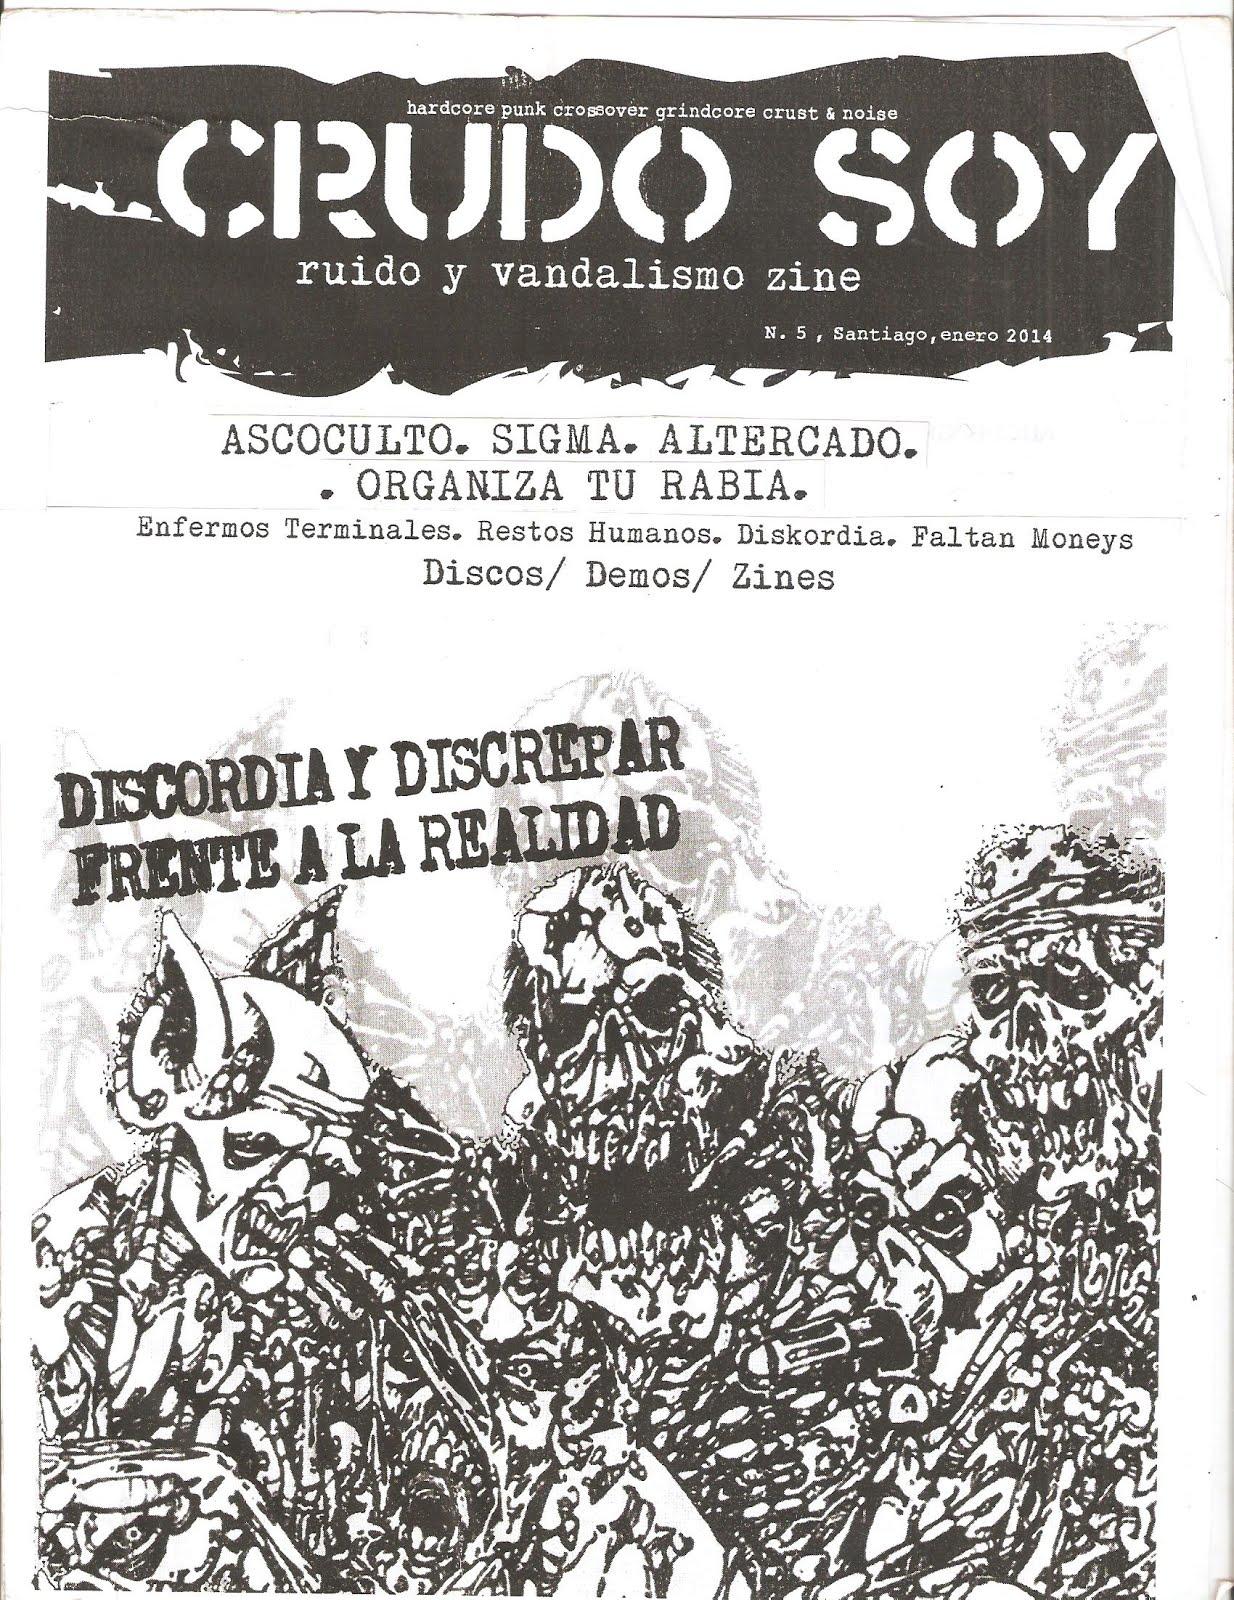 CRUDO SOY #5. Enero 2014